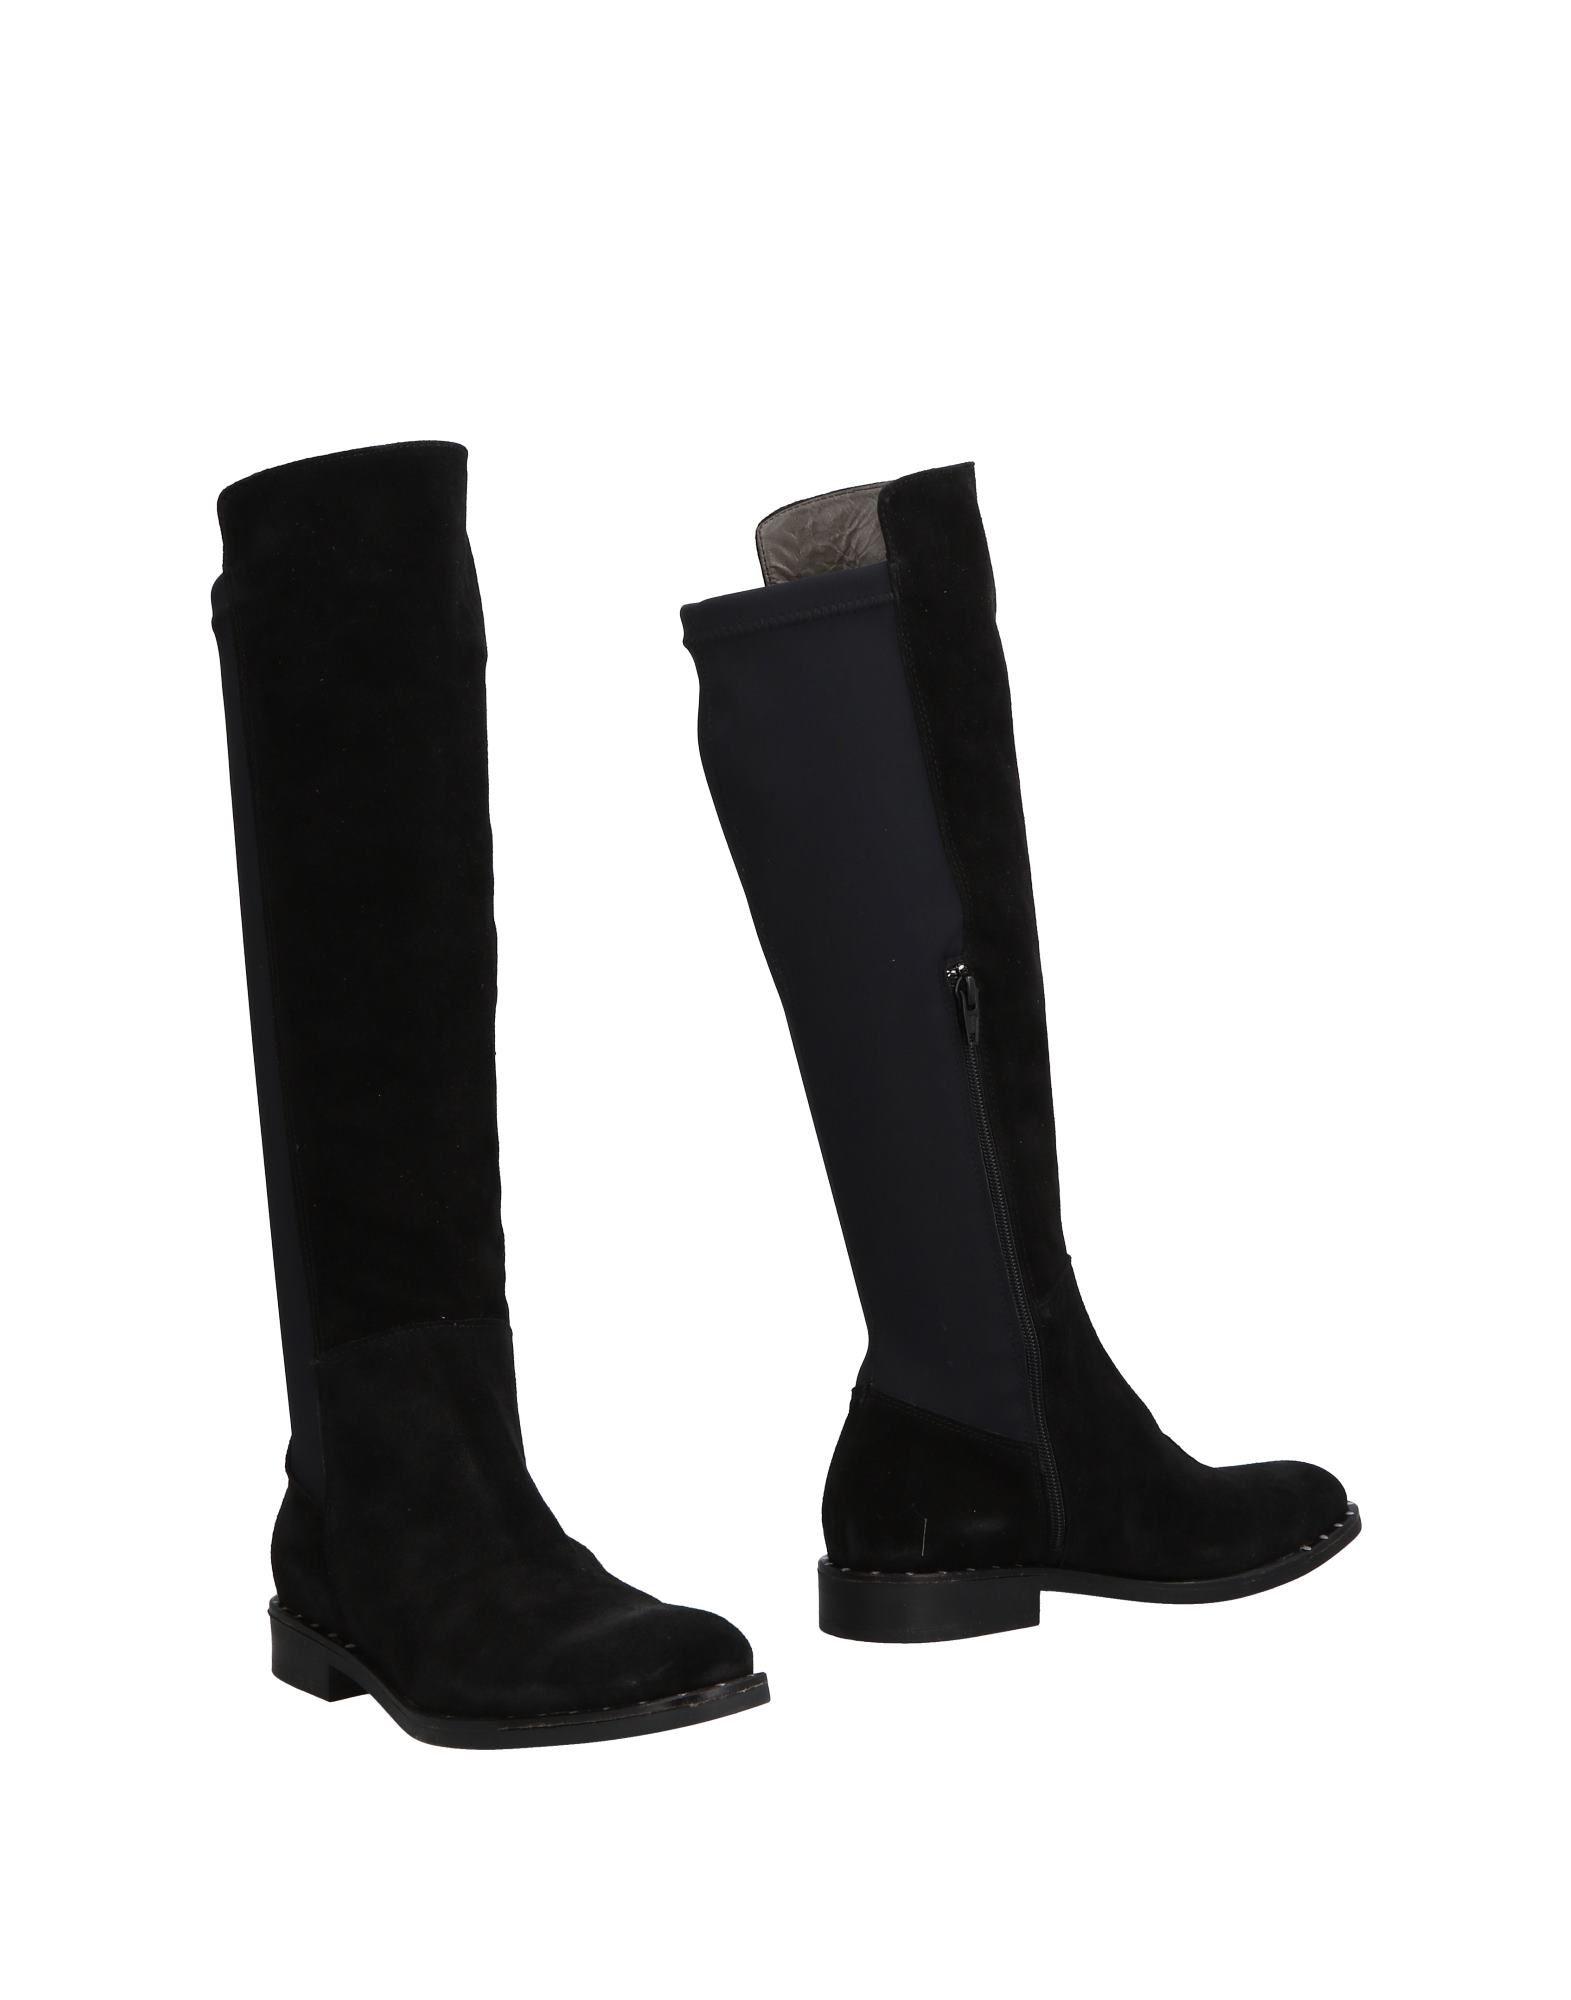 Donna Più Stiefel Damen  11504553PI Gute Qualität beliebte Schuhe